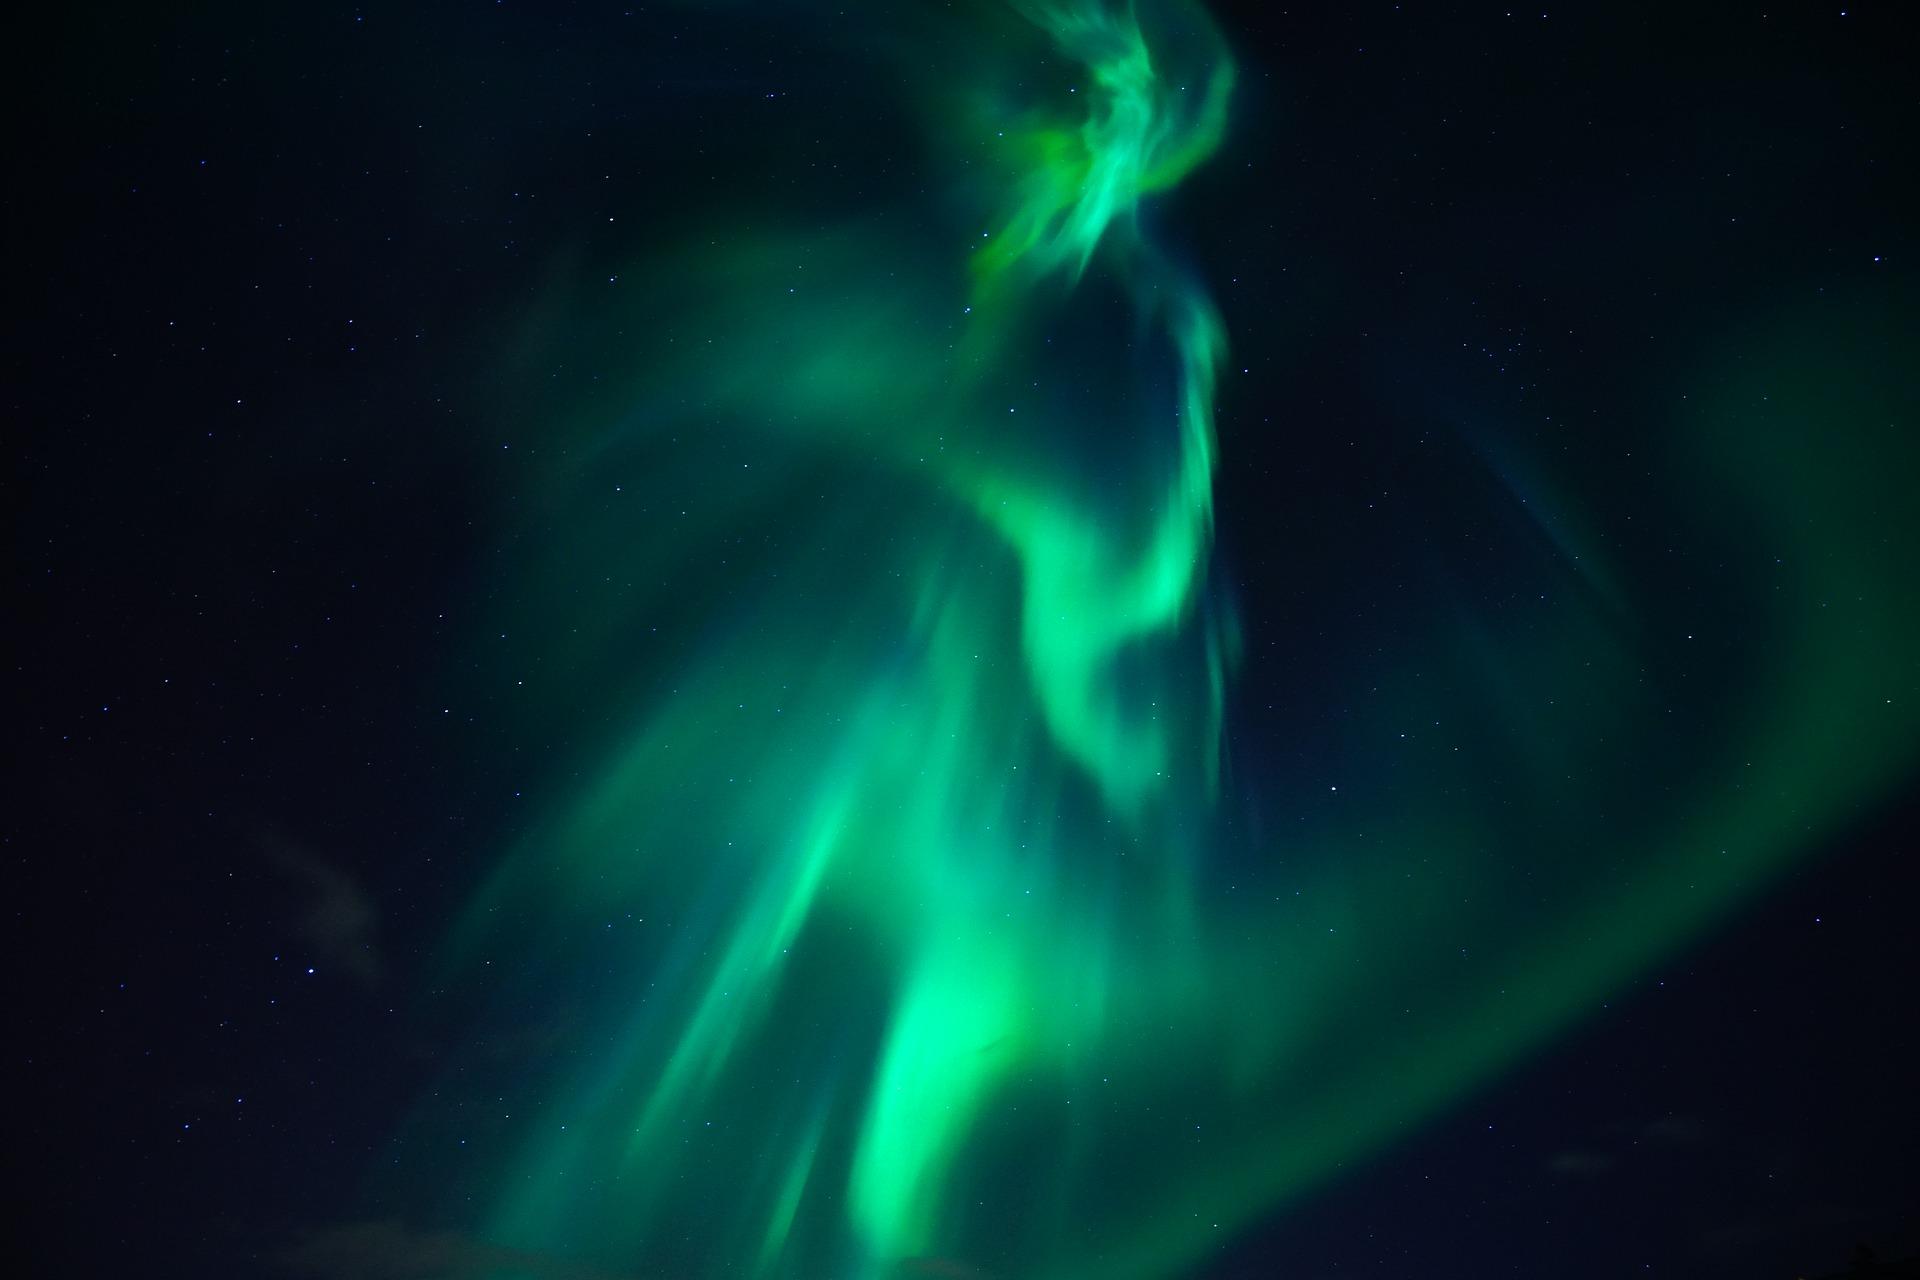 Les aurores boréales, en mode Halloween